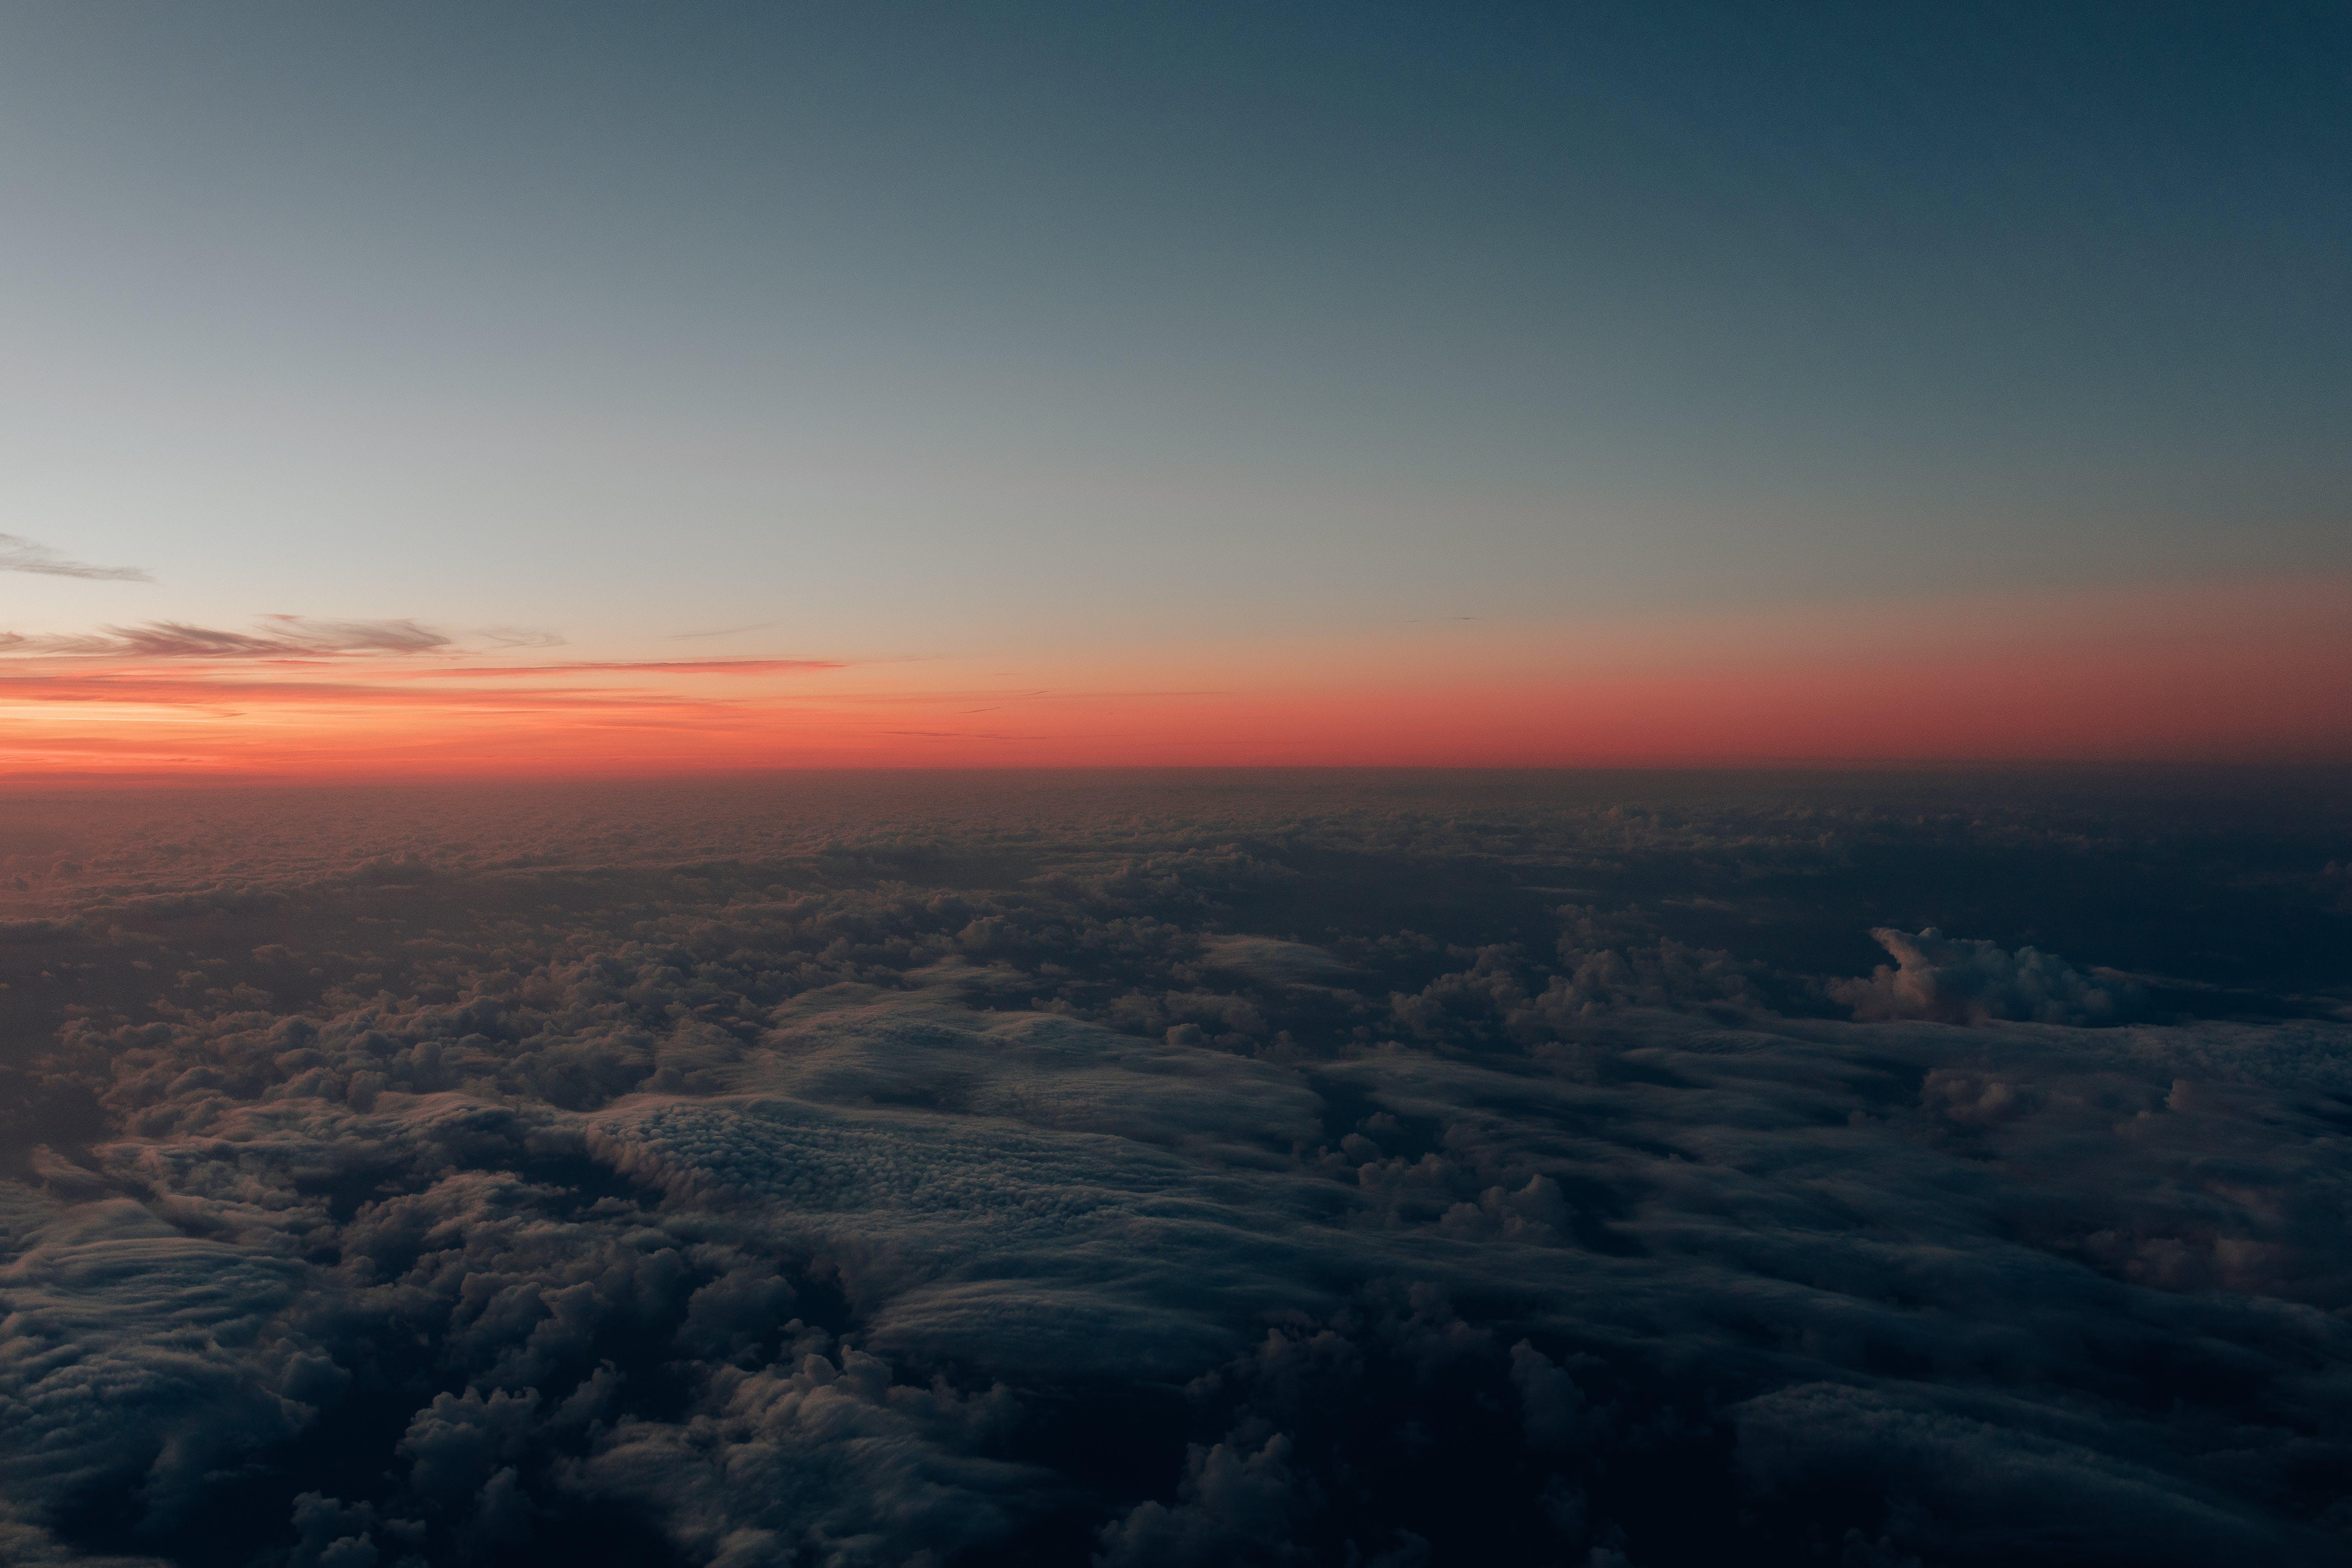 ゴールデンアワー, 夕方, 日没, 空の無料の写真素材